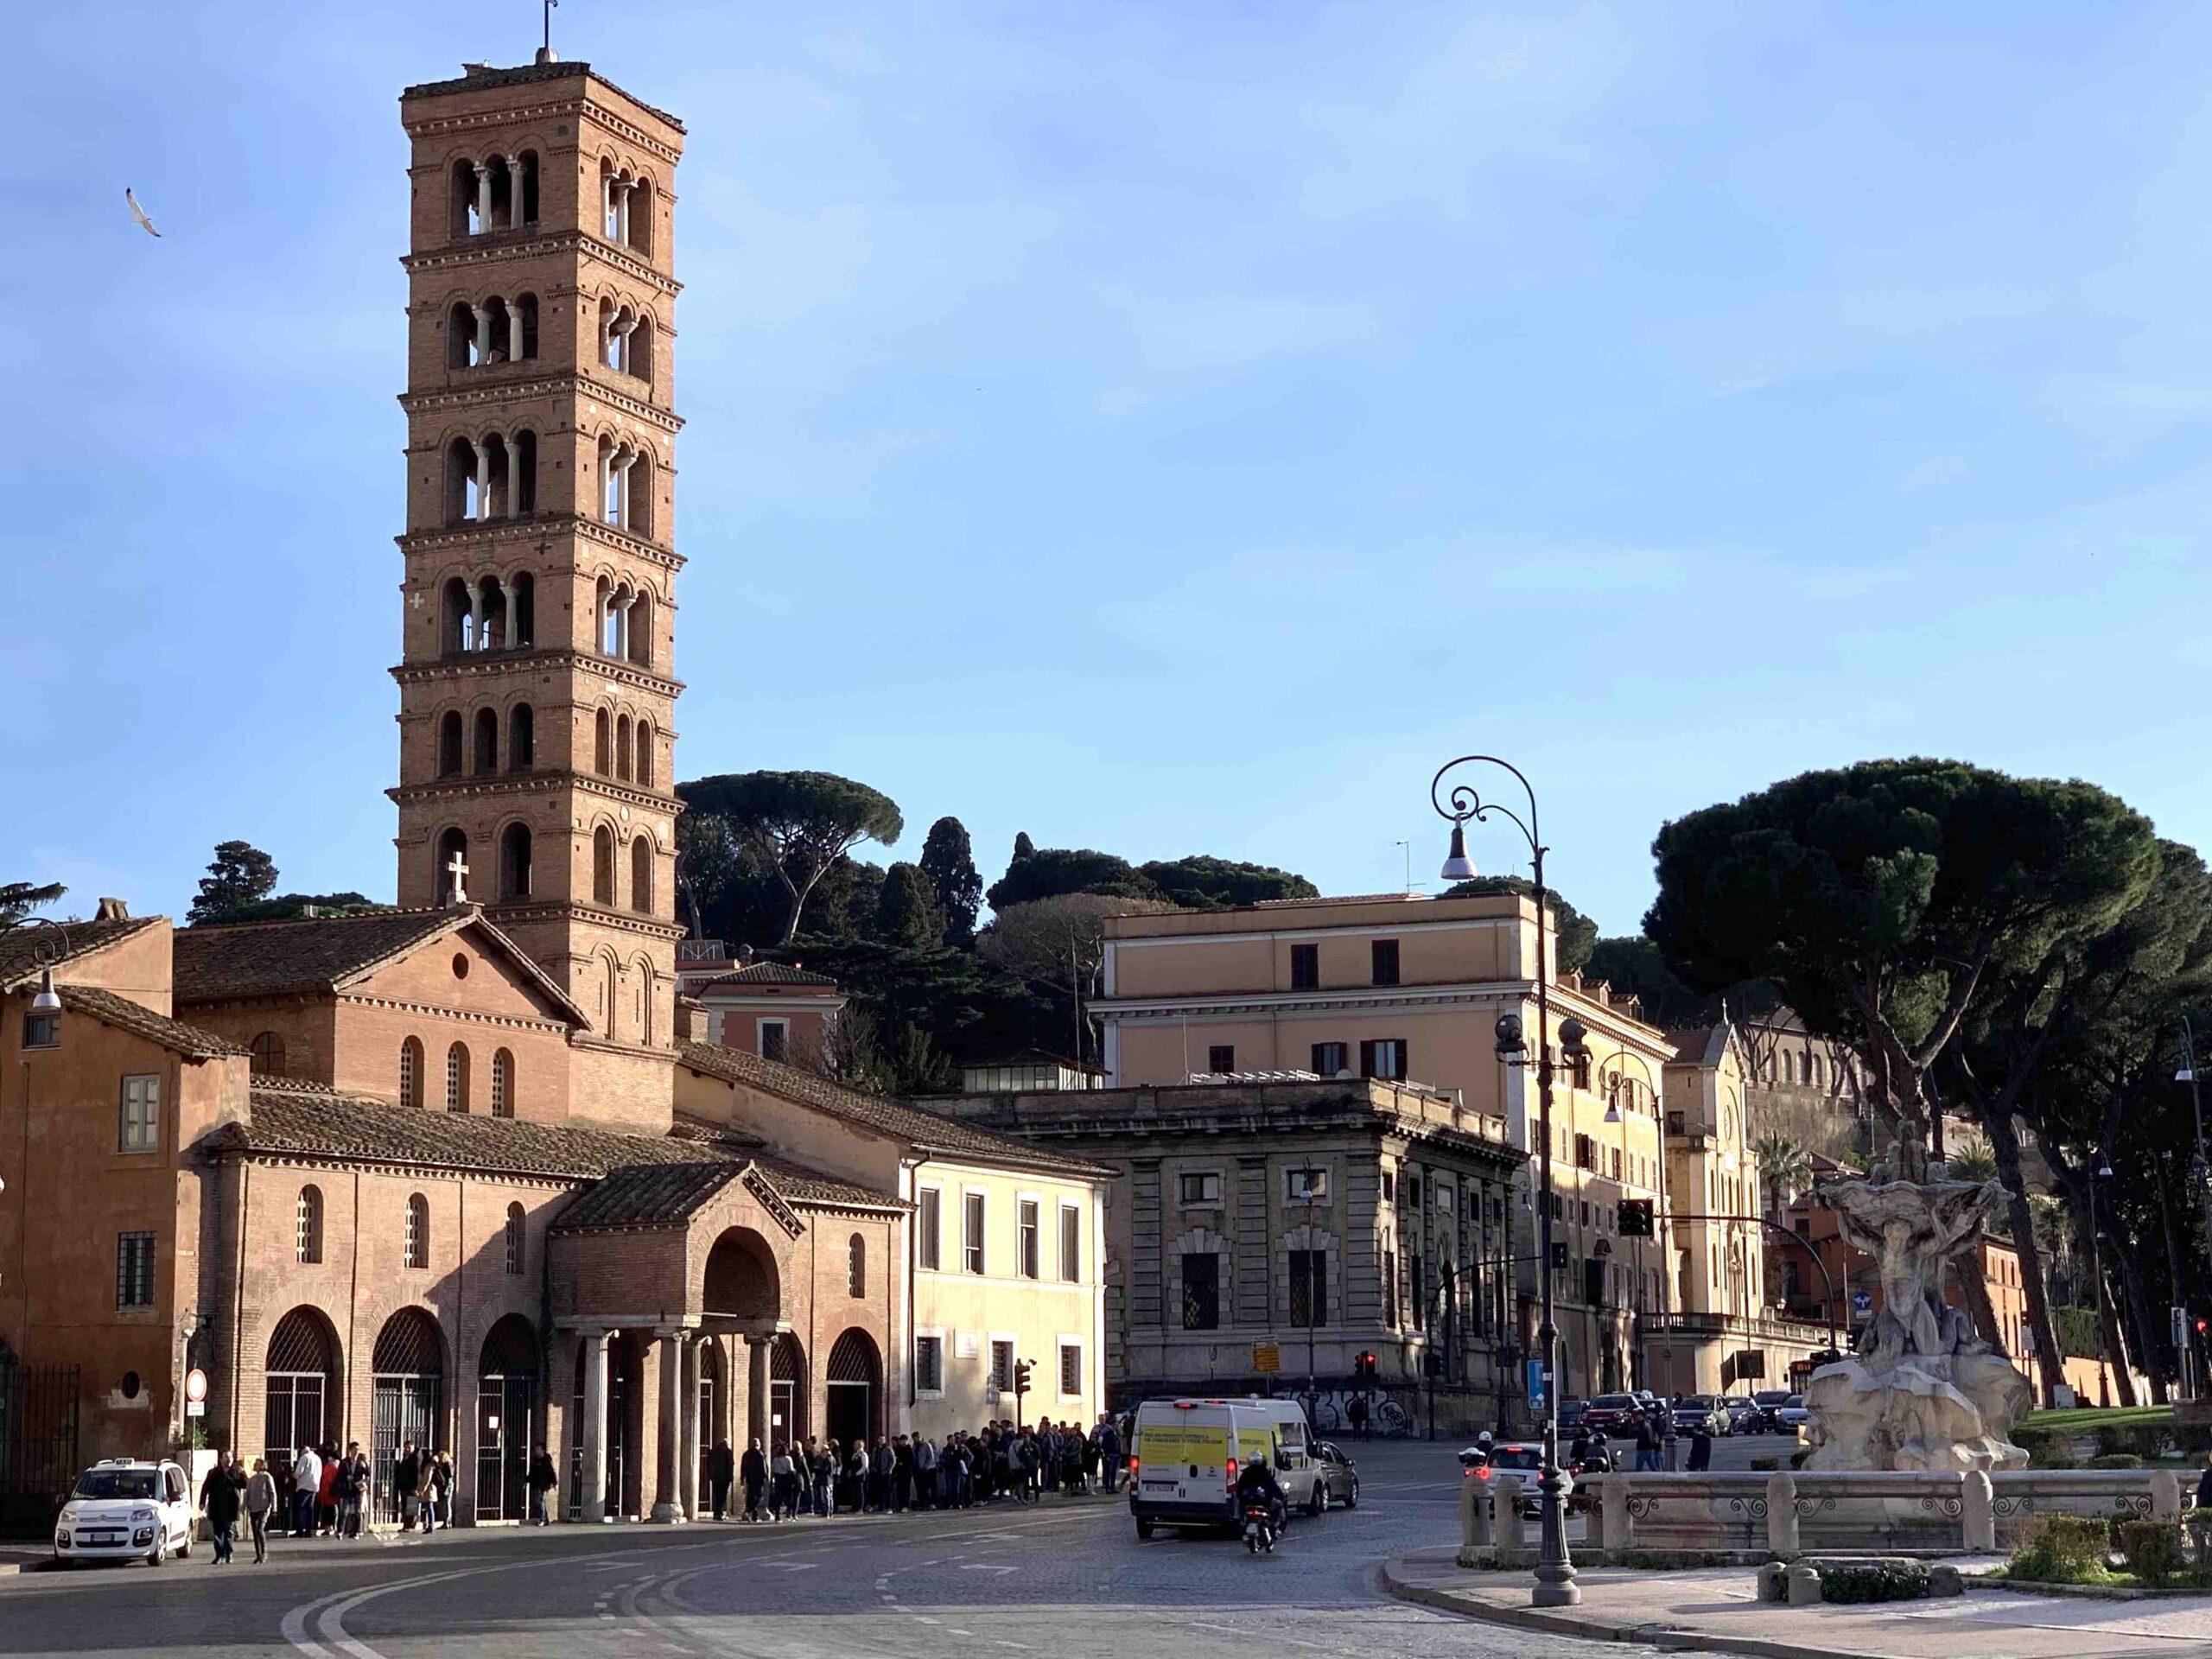 Rome Santa Maria in Cosmedin